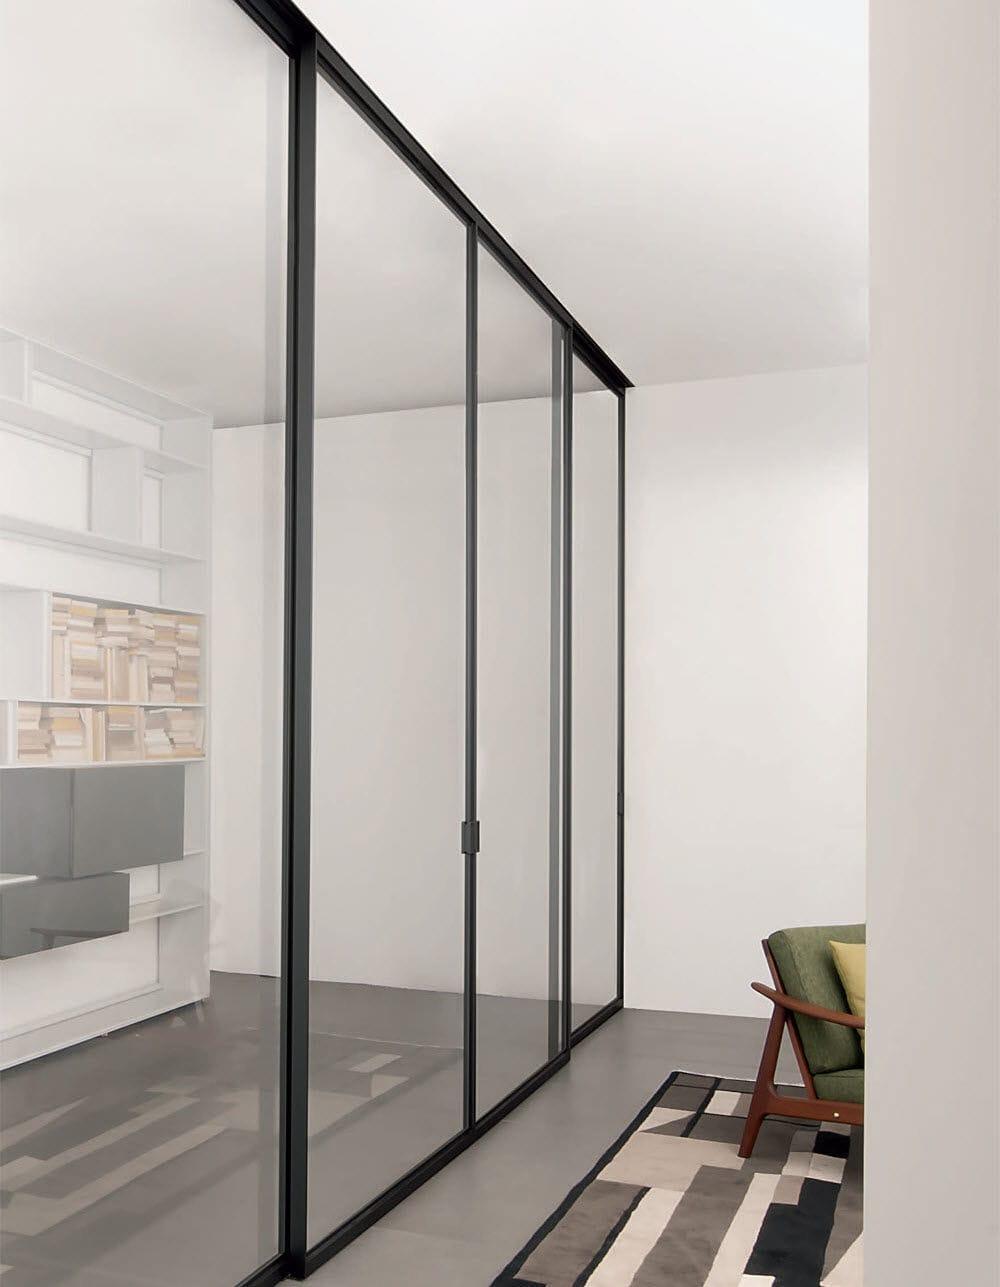 Portes Coulissantes Vitrées Intérieures cloison coulissante / vitrée / en aluminium / de bureau